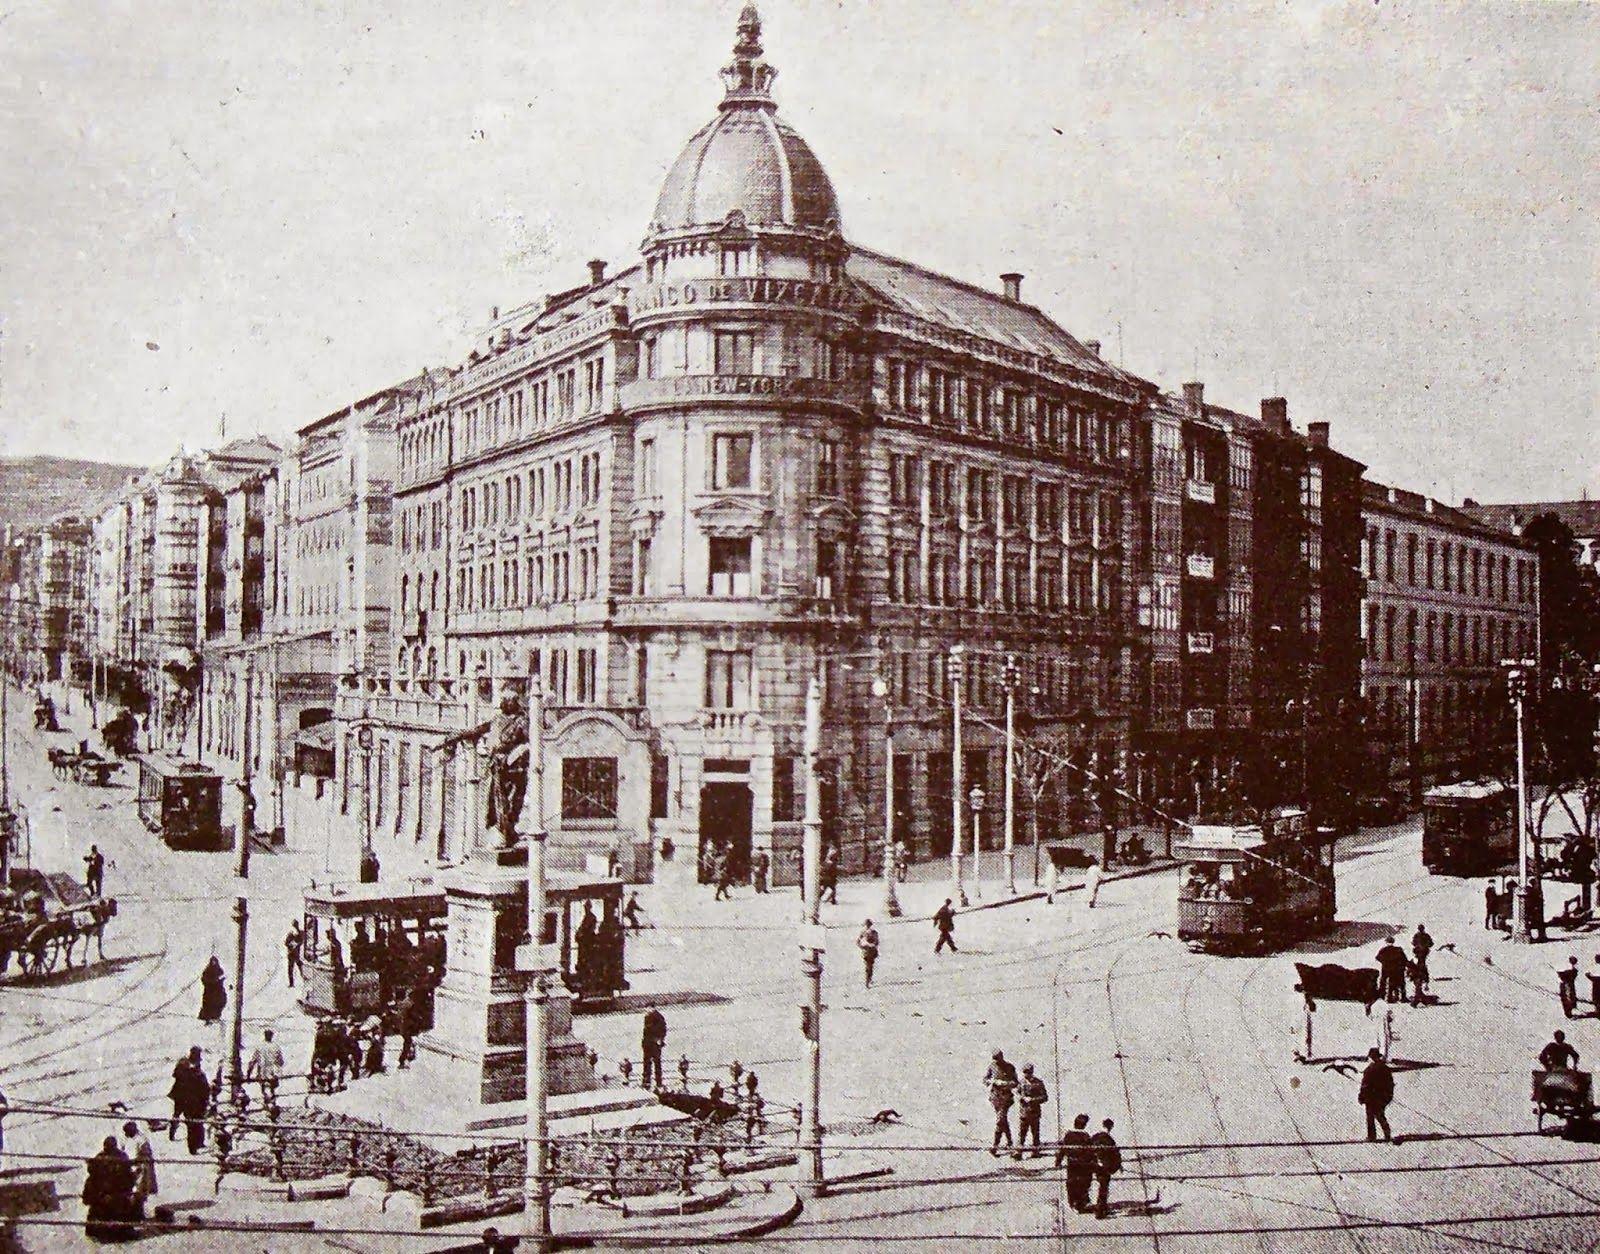 Bilbao antiguo fotos buscar con google bilb0 bizkaia - Bilbao fotos antiguas ...